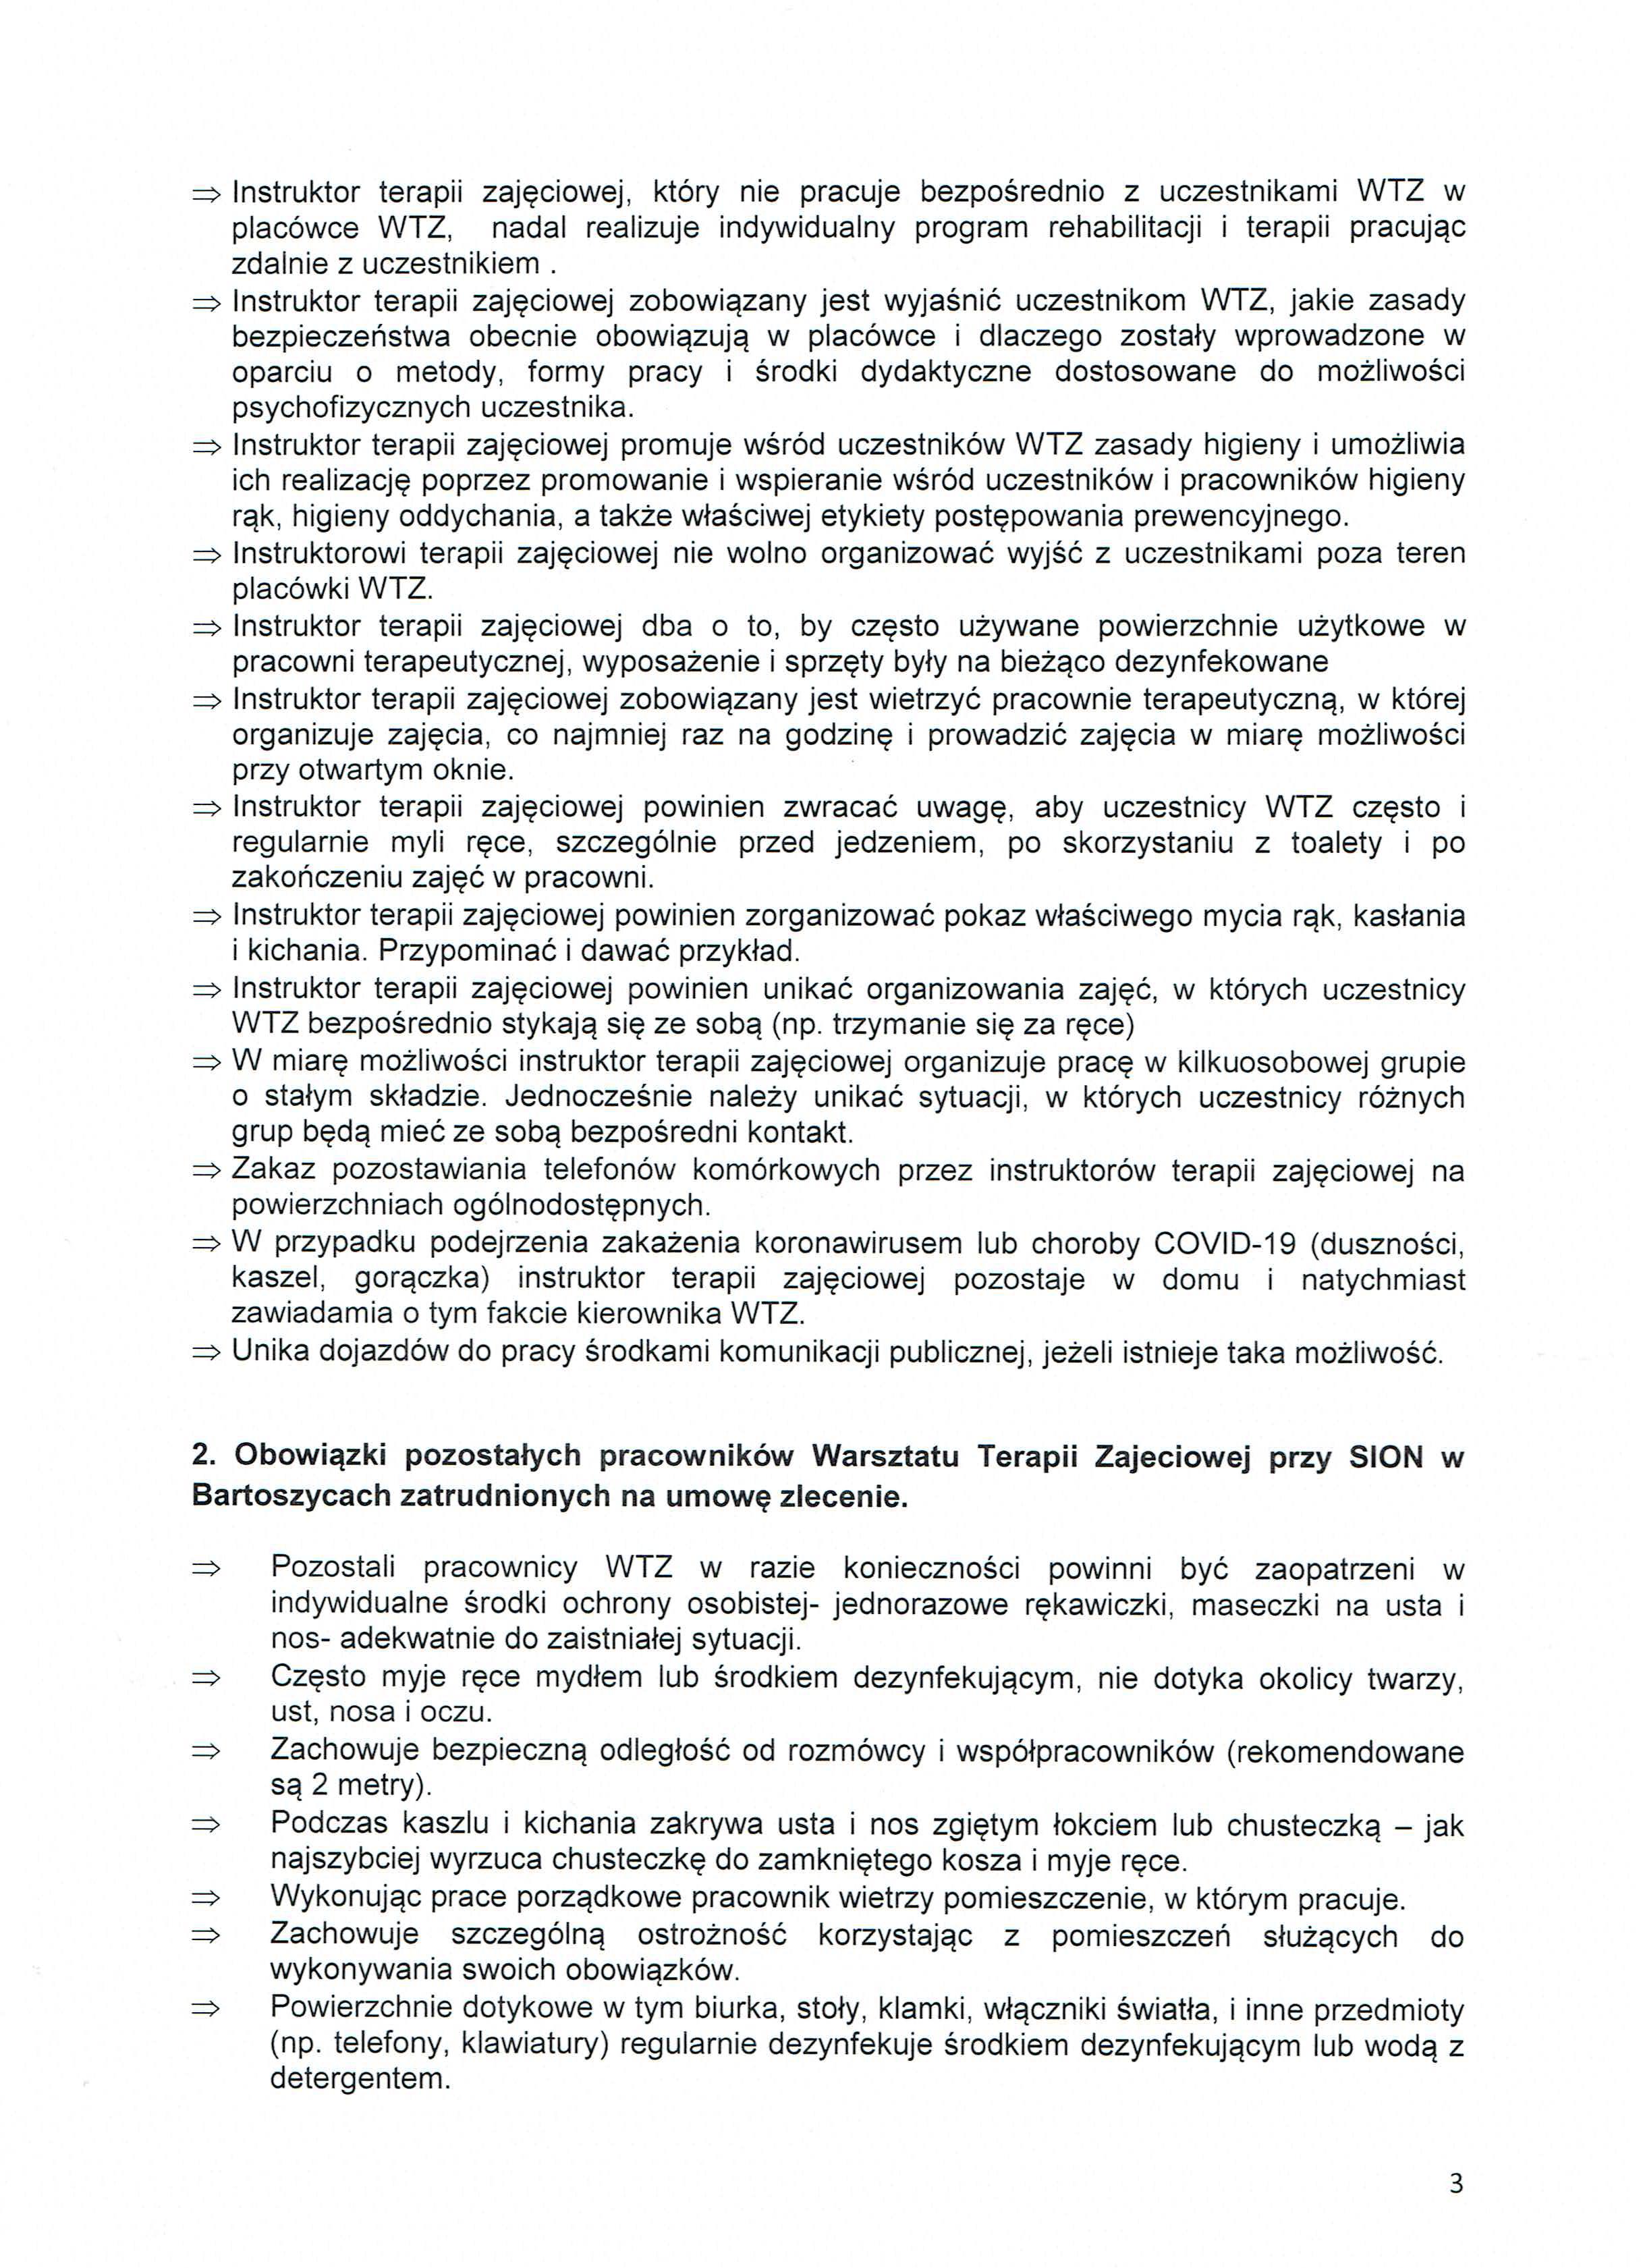 Procedury-postepowania-w-okresie-pandemii-COVID-19-3